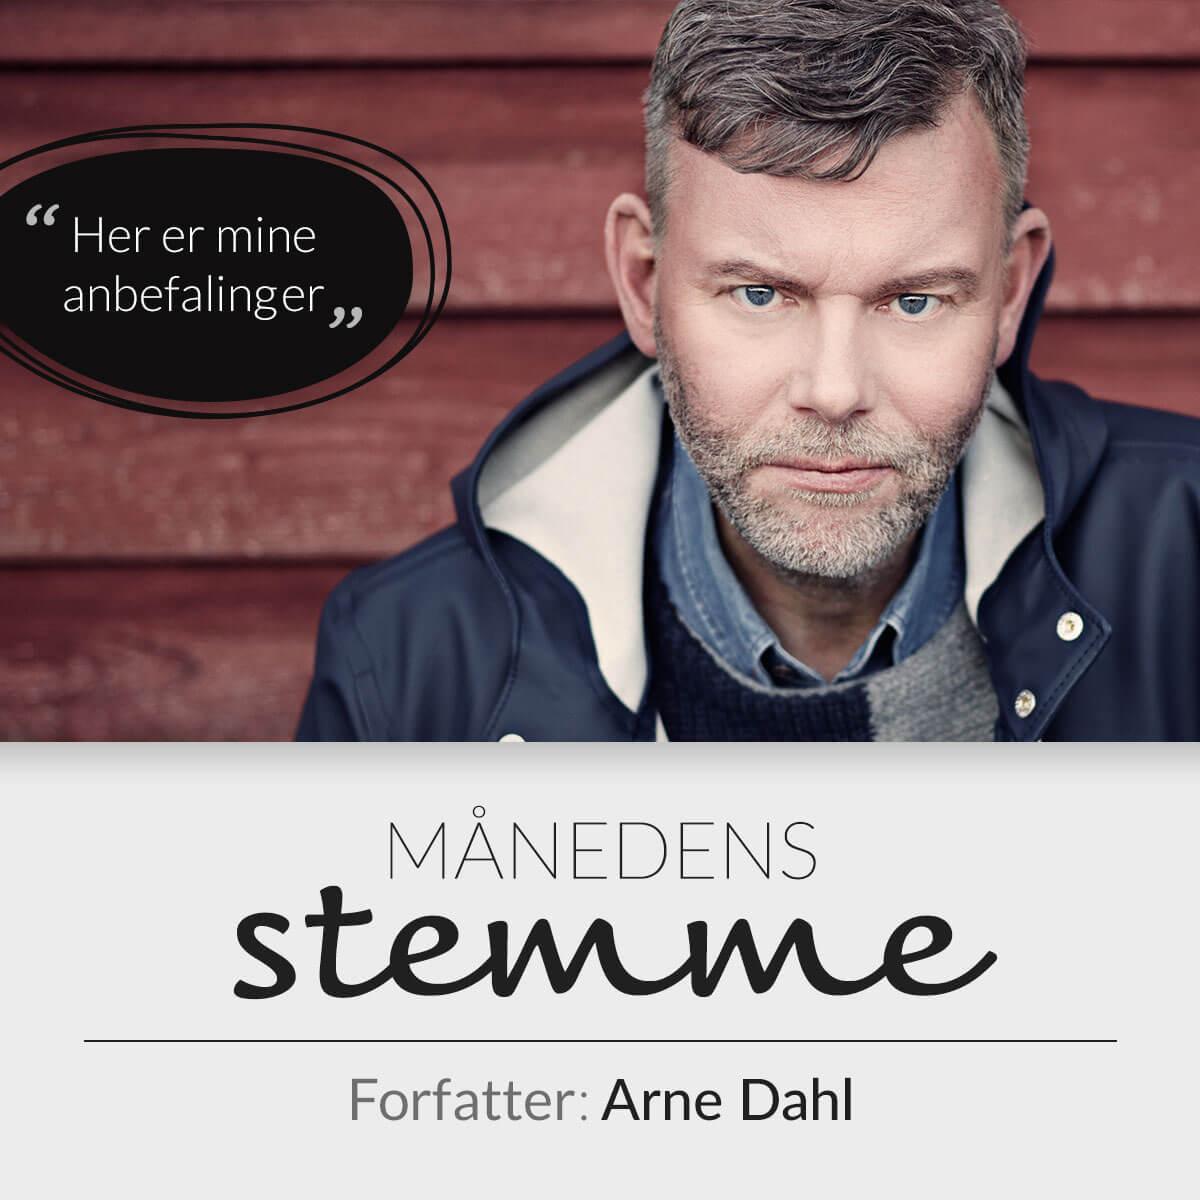 Forfatter Arne Dahl anbefaler